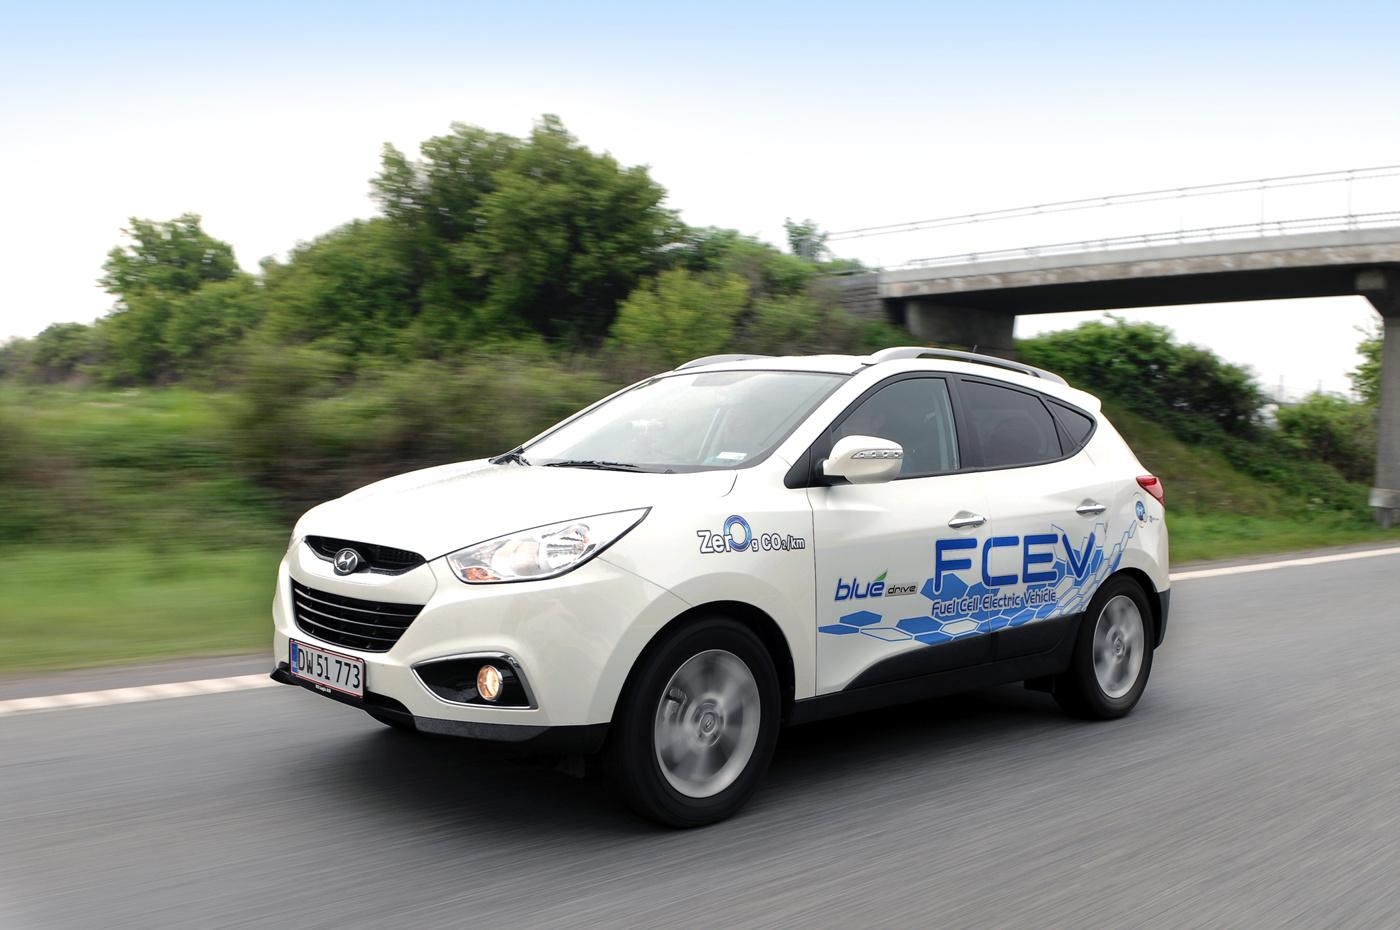 Hyundai Ix35 Fcev 1 Hyundai Motor Company